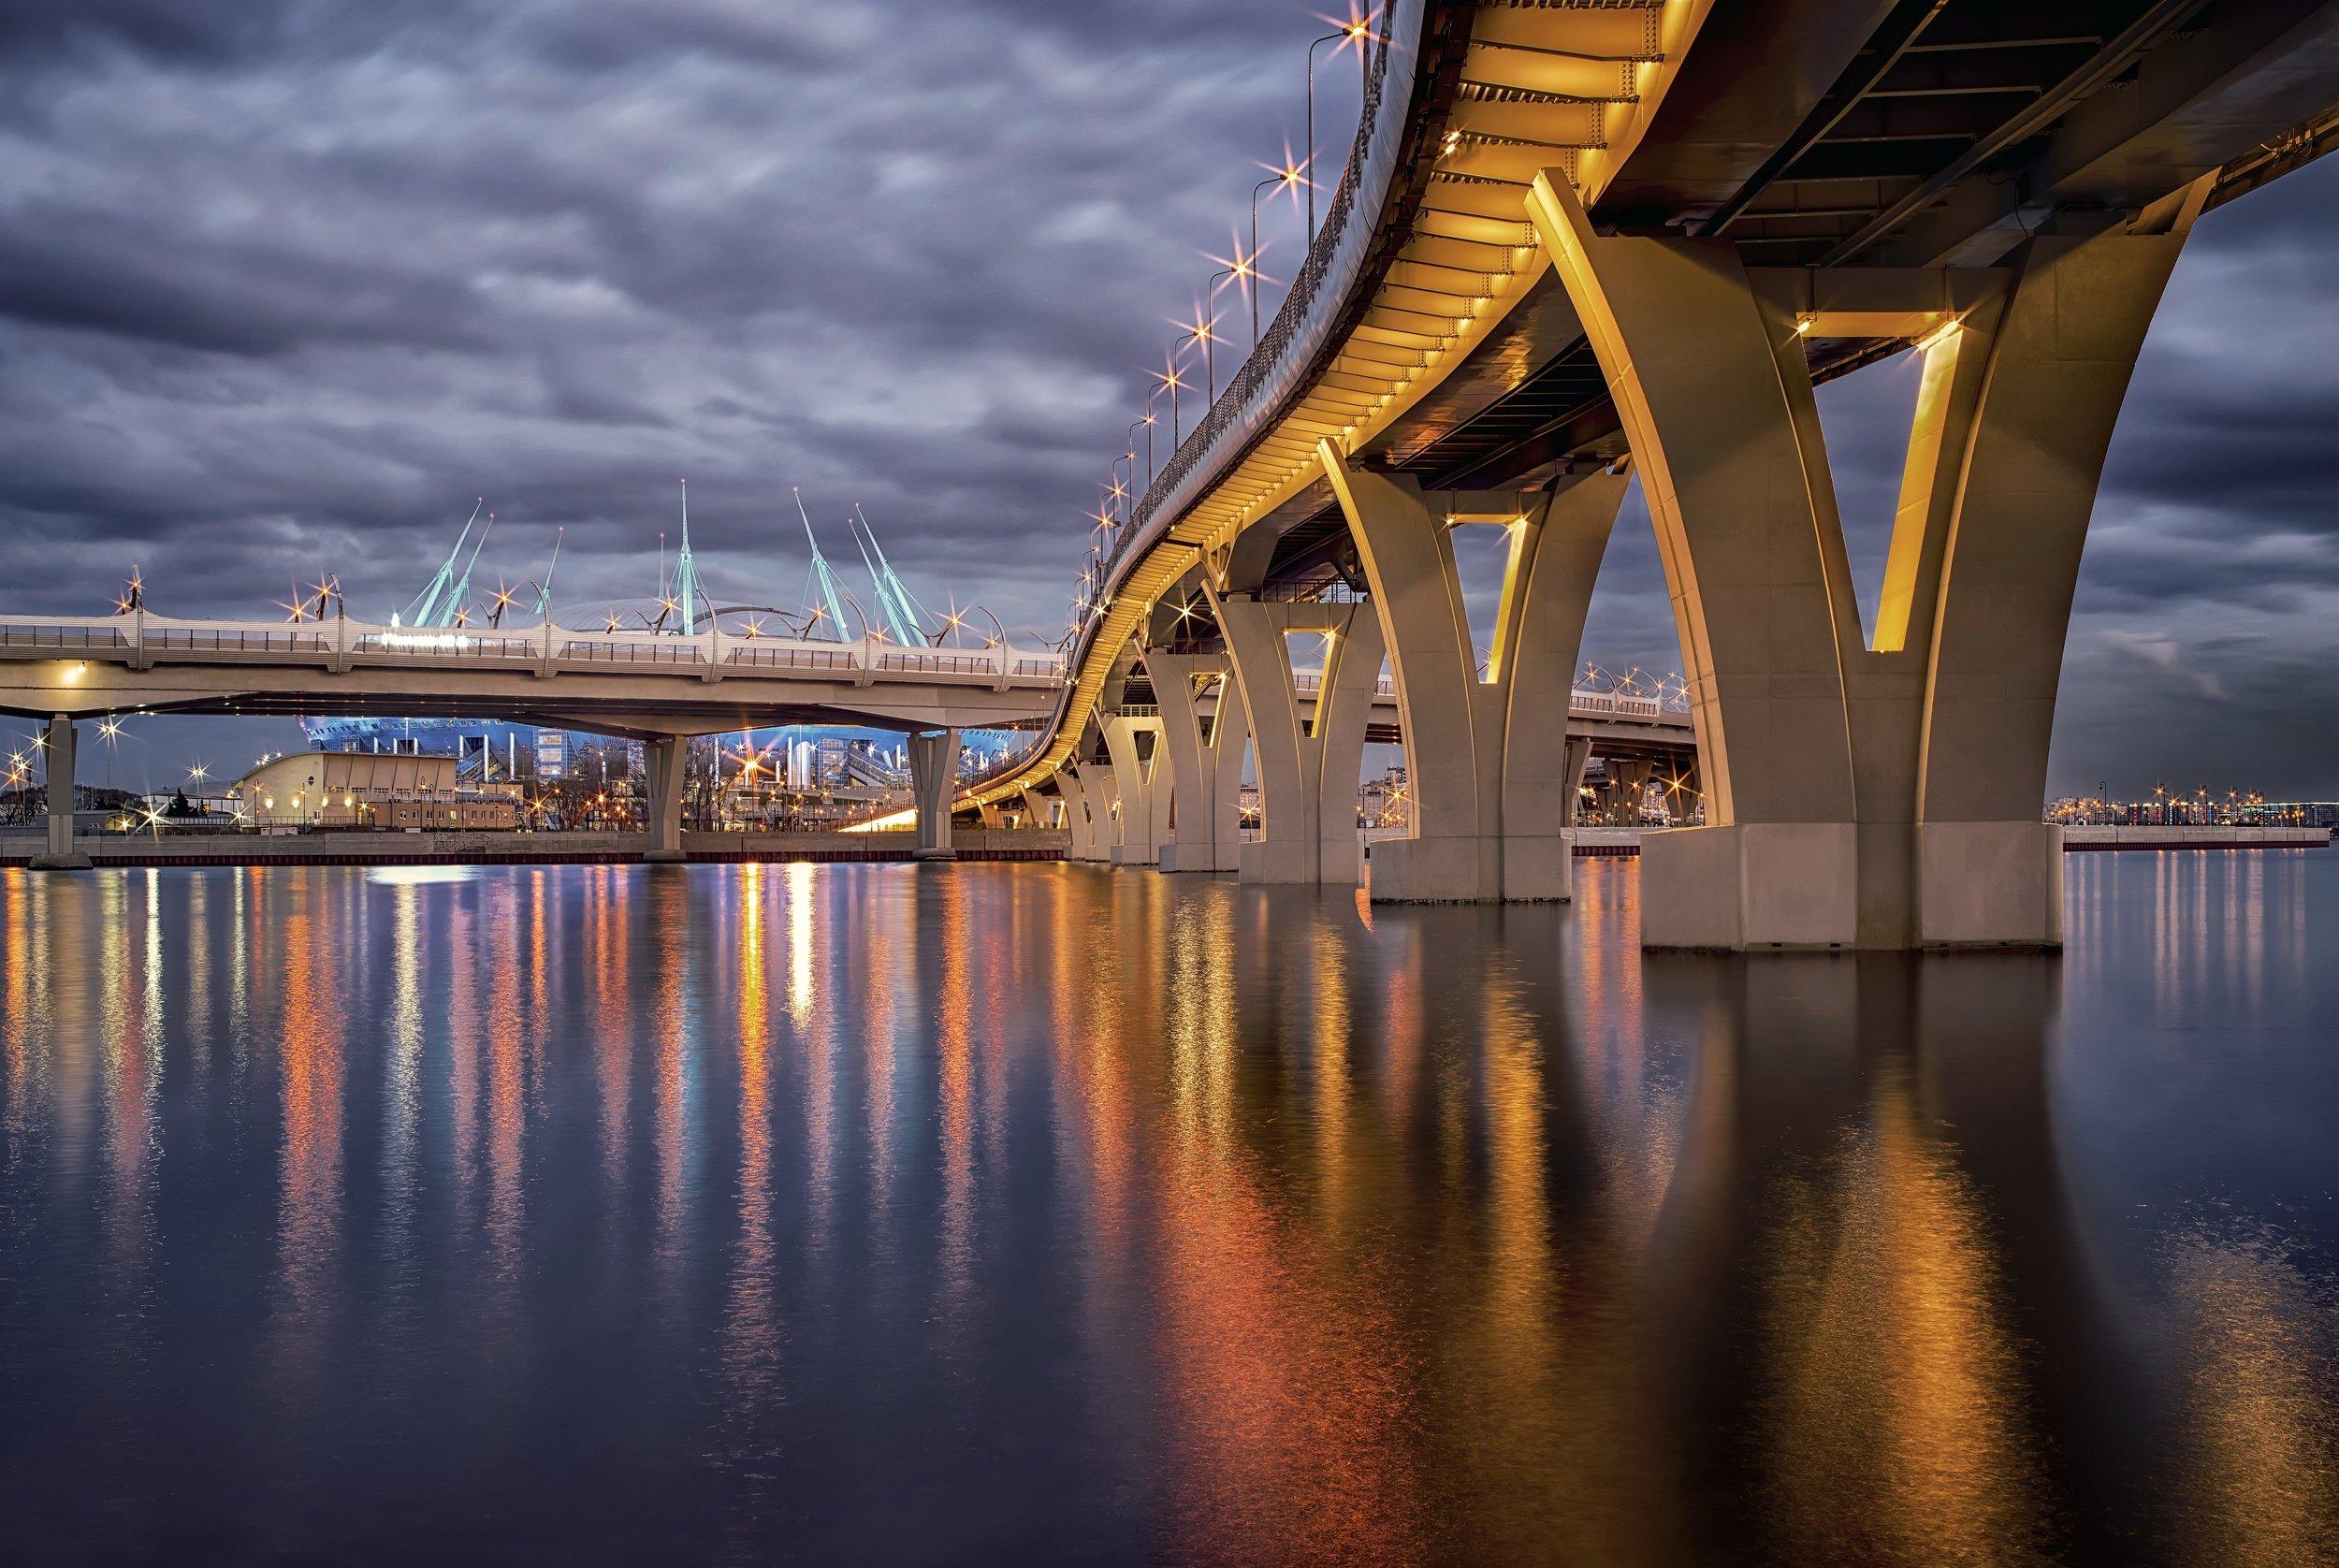 город,вечер,мост,огни,отражения,набережная,река, Тамара